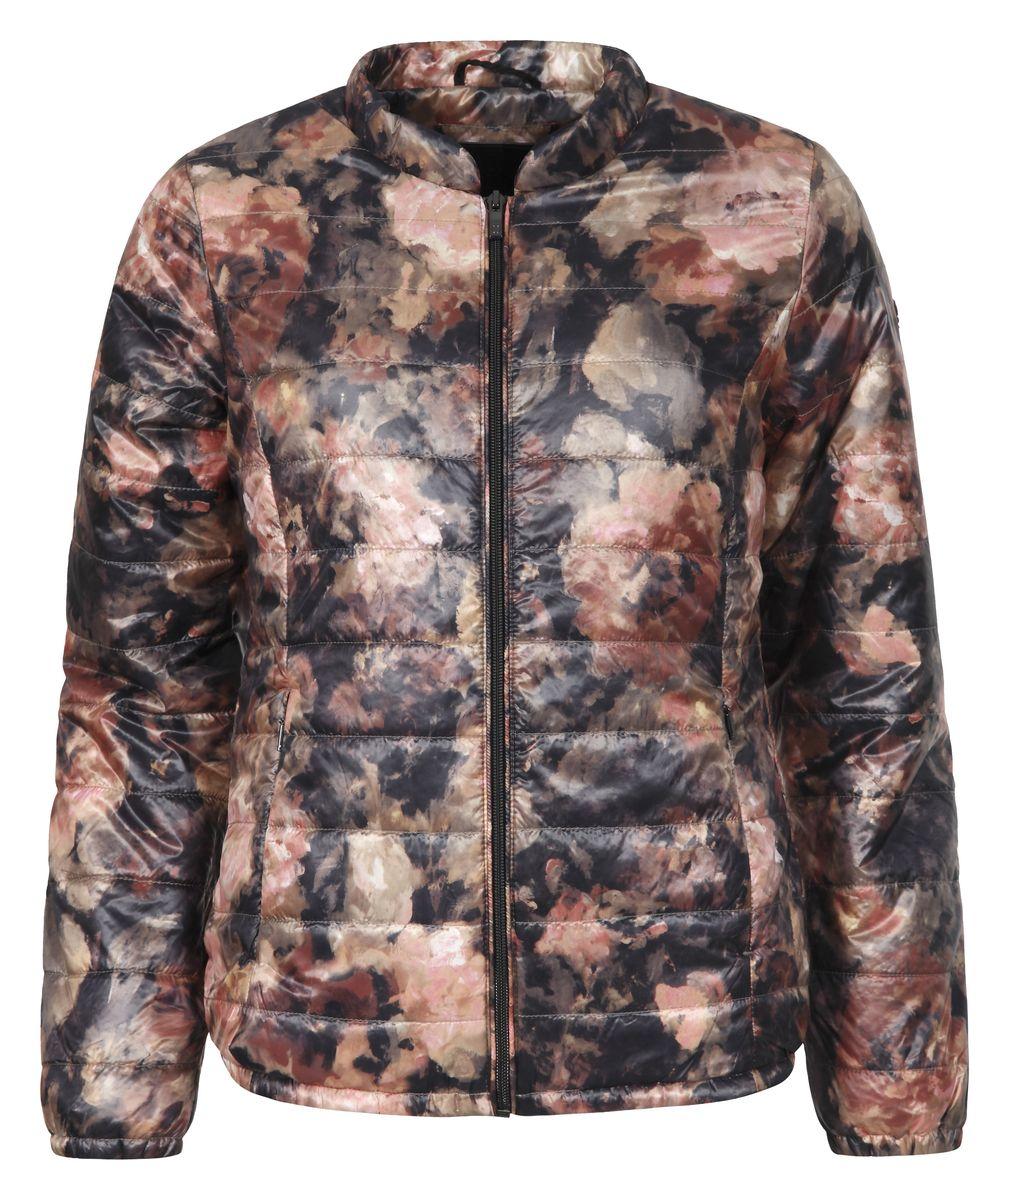 636479364LVЖенская куртка Luhta Piiku с длинными рукавами и круглым вырезом горловины выполнена из полиамида. Наполнитель - синтепон. Куртка застегивается на застежку-молнию спереди. Изделие оснащено двумя втачными карманами на молниях спереди и внутренним втачным карманом на застежке-молнии. Куртка оформлена красочным цветочным принтом.